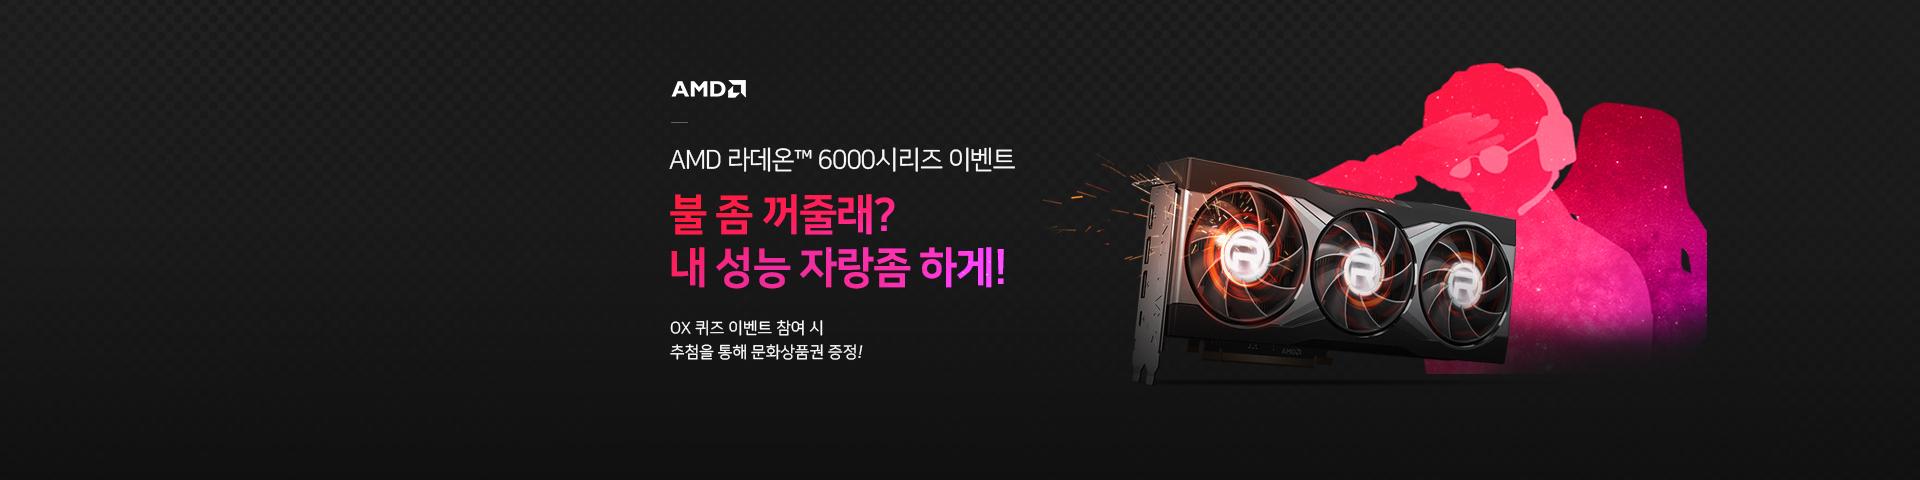 [AMD] 라데온 OX퀴즈 이벤트